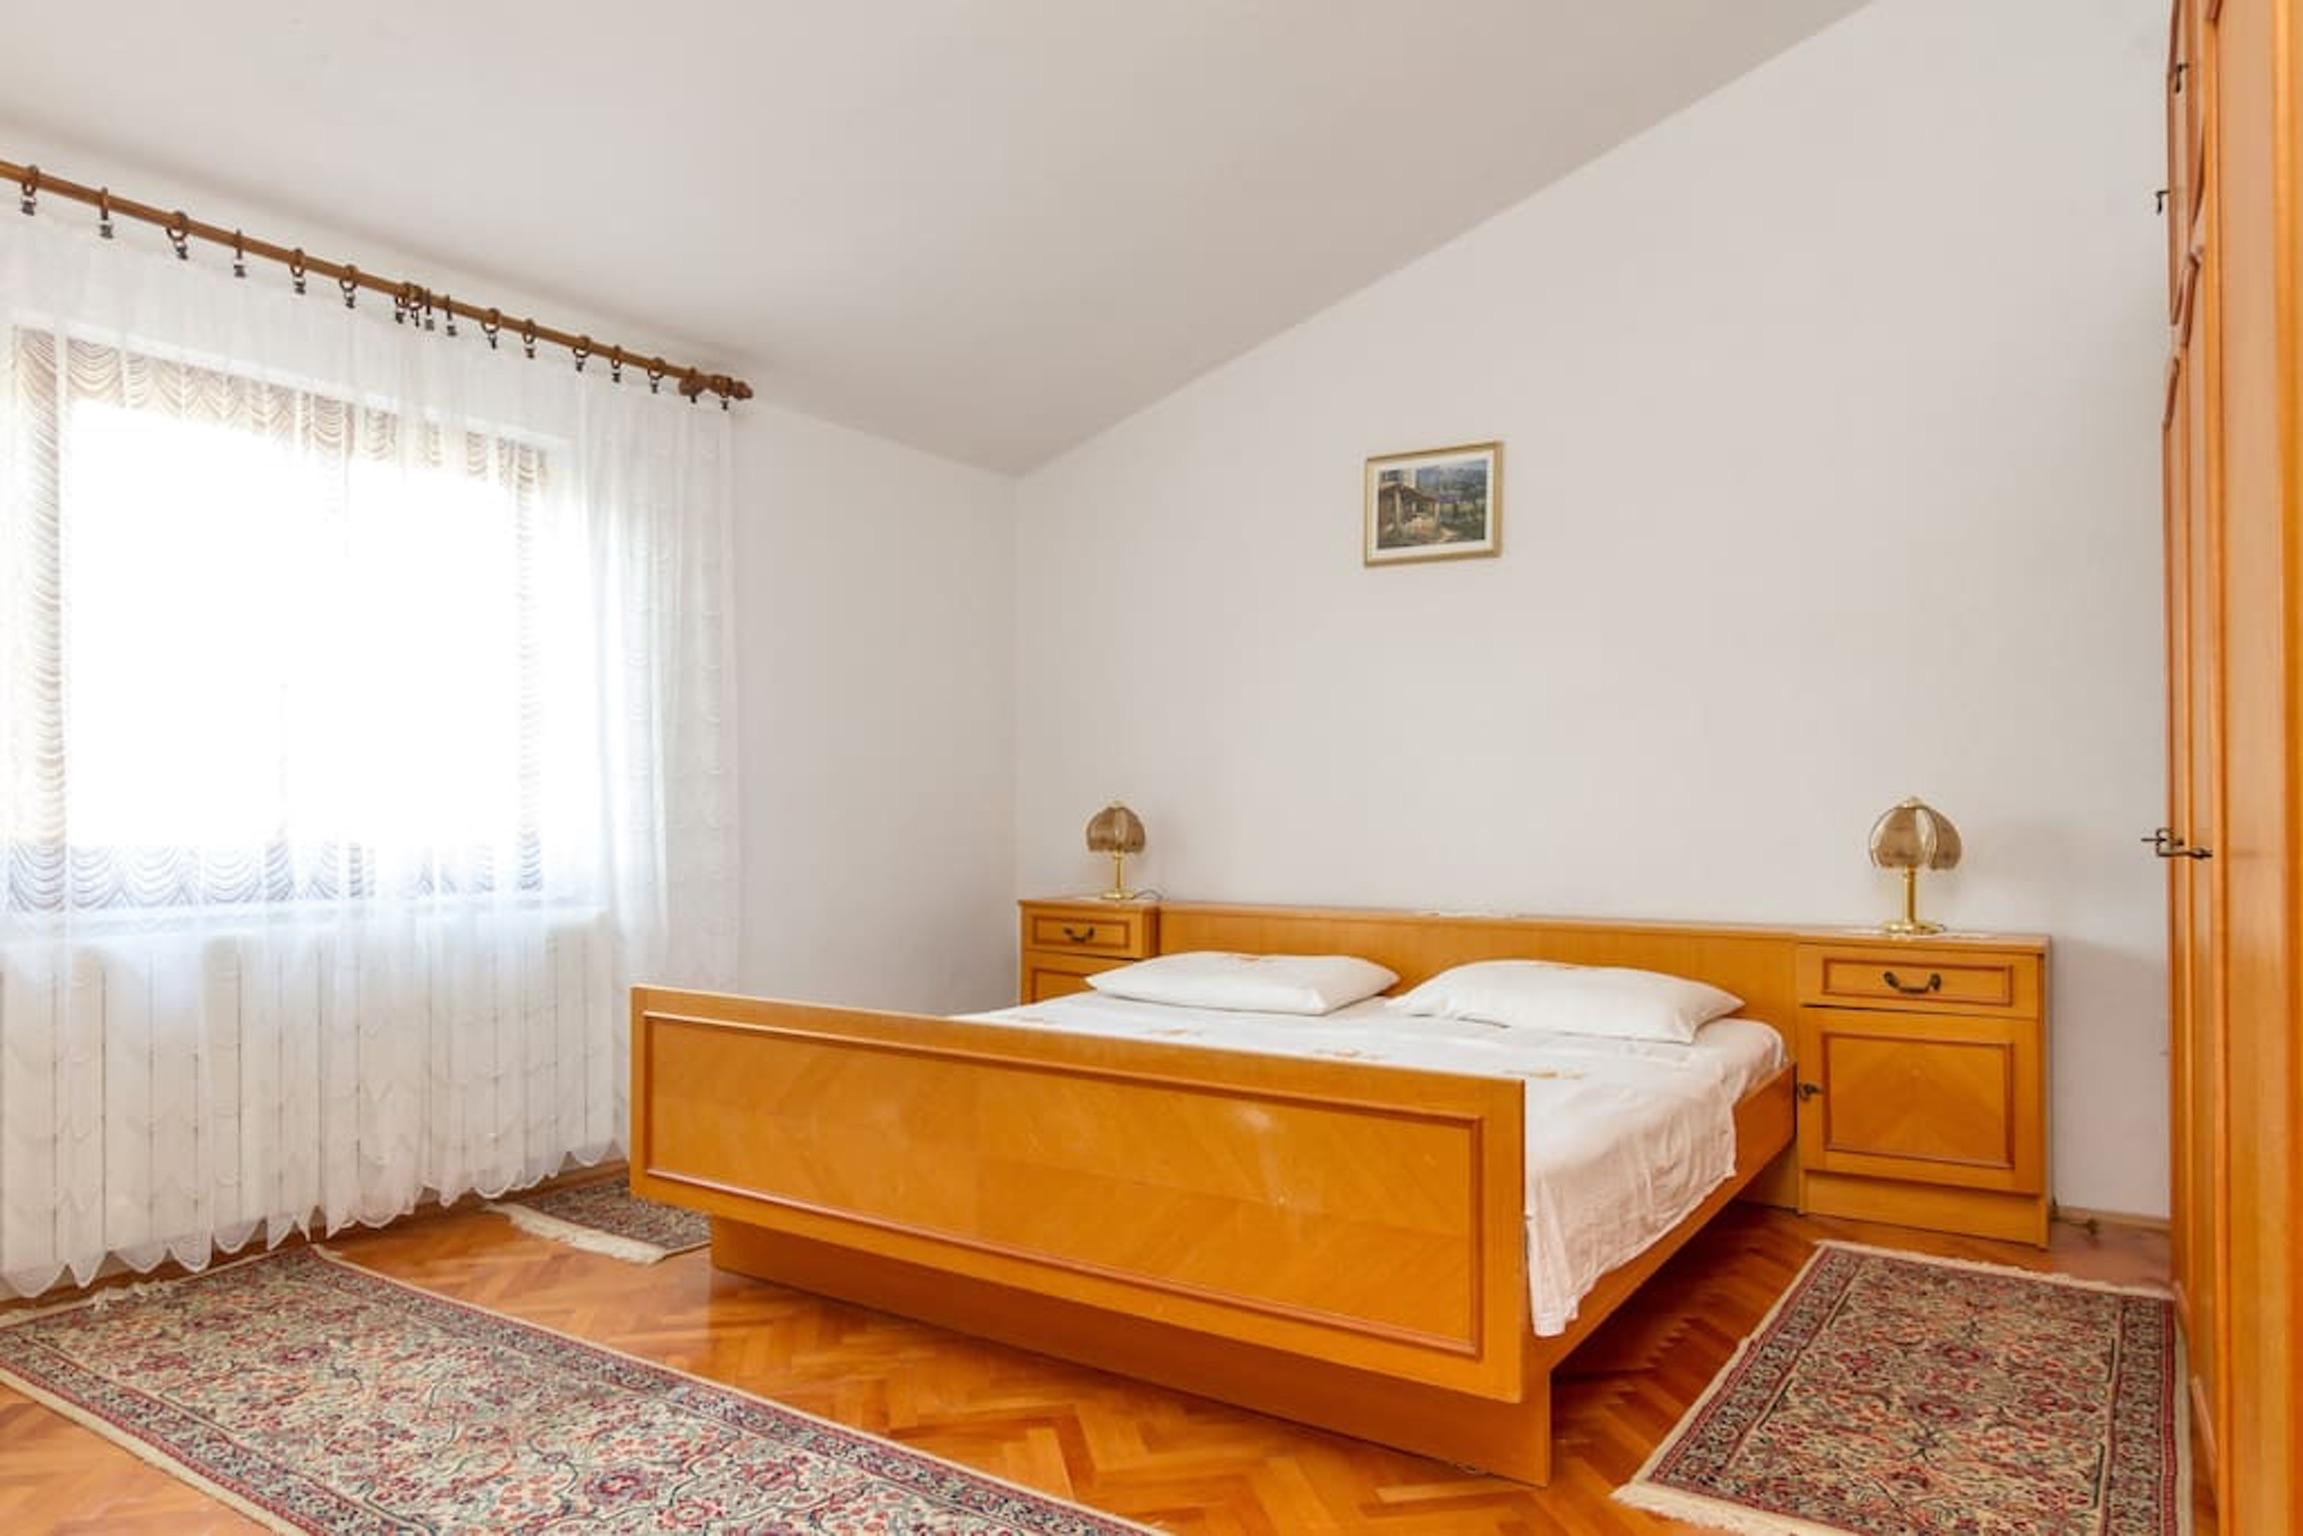 Ferienwohnung Wohnung mit 3 Zimmern in Seget Vranjica mit herrlichem Meerblick und eingezäuntem Garten - (2339638), Seget Donji, , Dalmatien, Kroatien, Bild 5